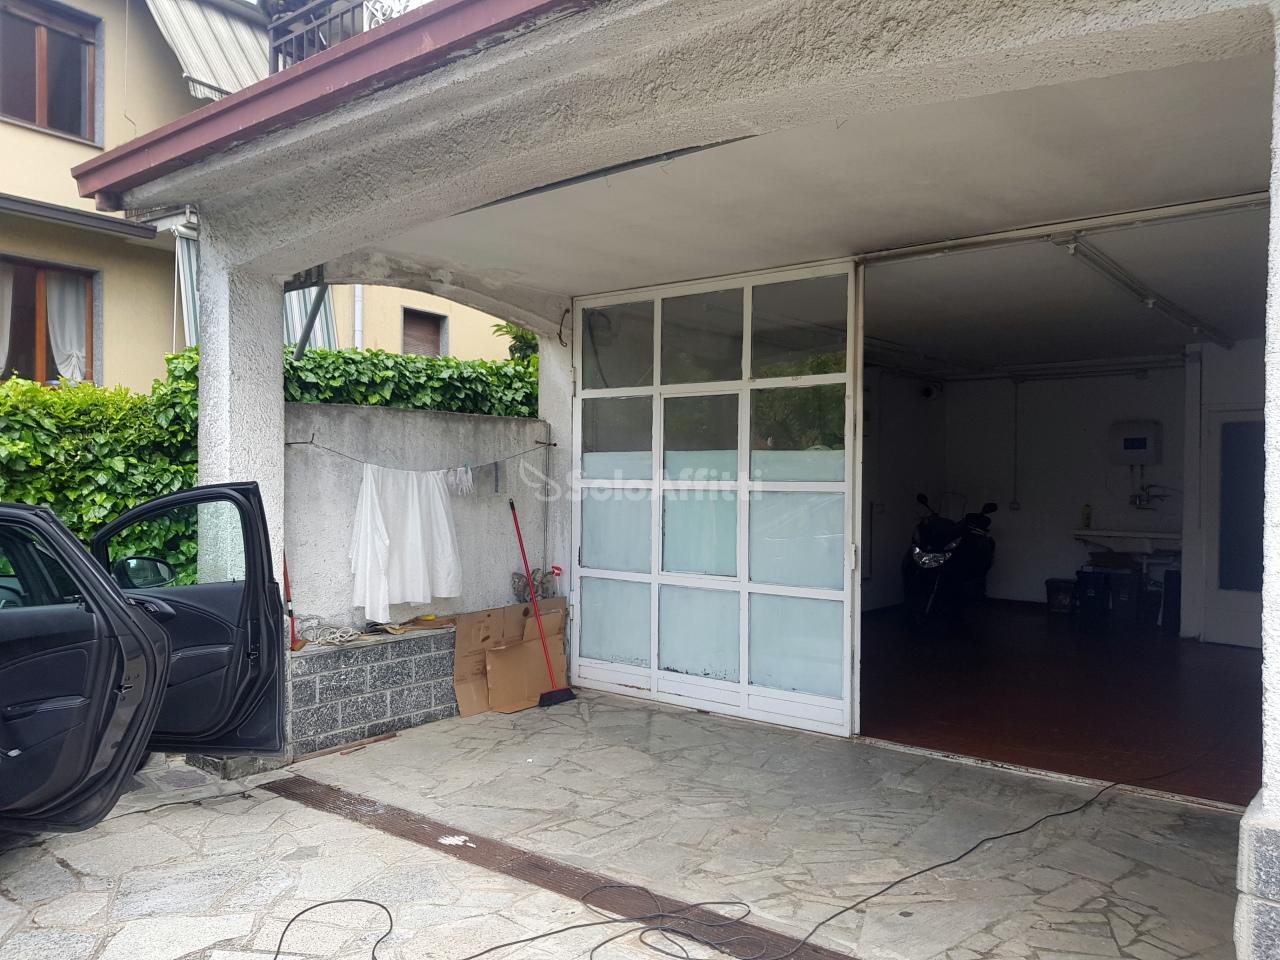 Laboratorio in affitto a Lipomo (CO)